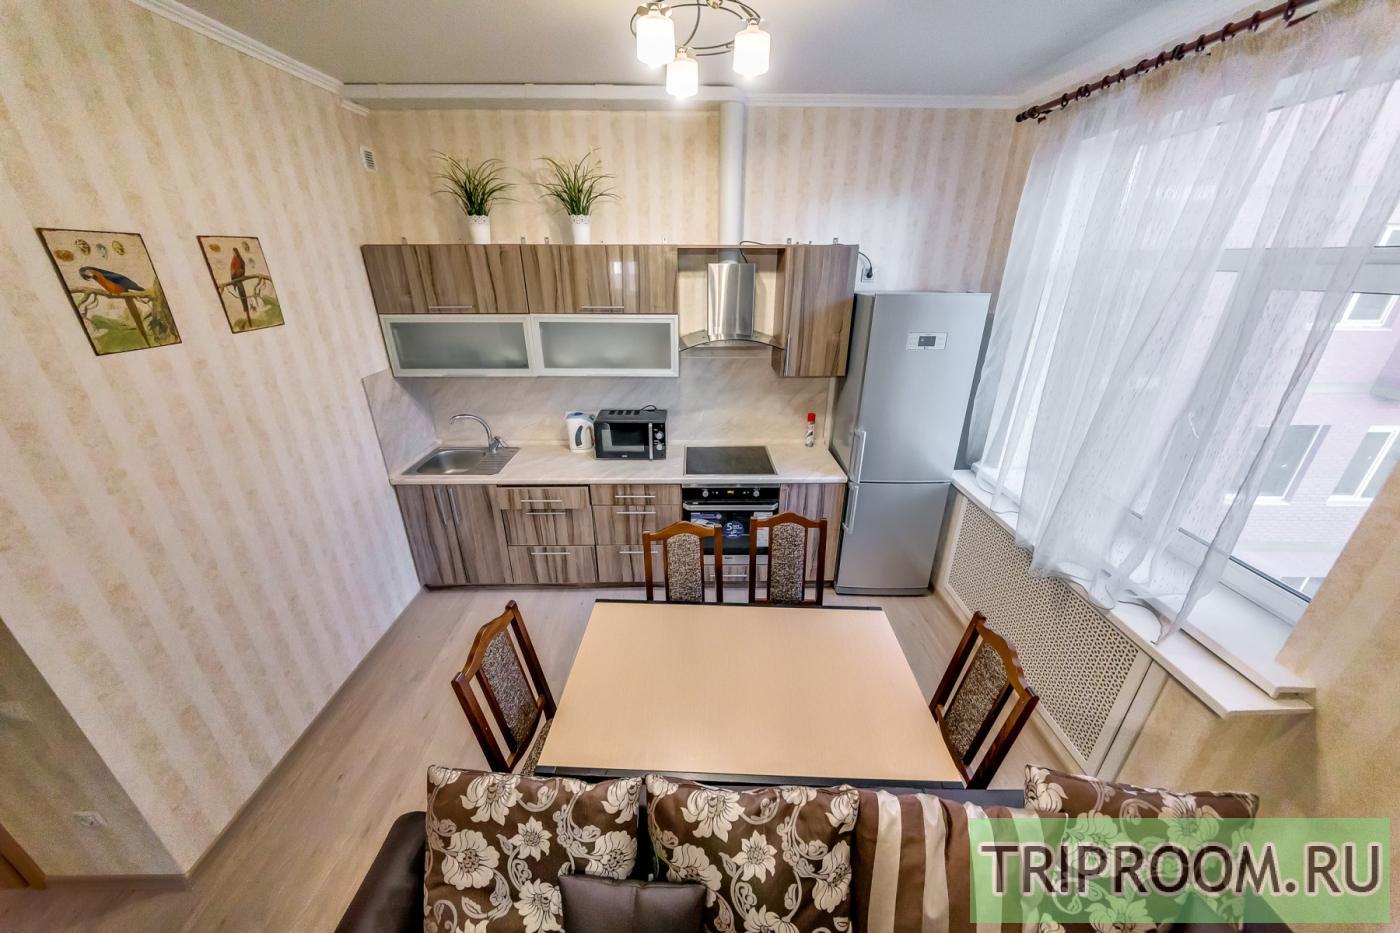 3-комнатная квартира посуточно (вариант № 23511), ул. Красноармейская улица, фото № 15